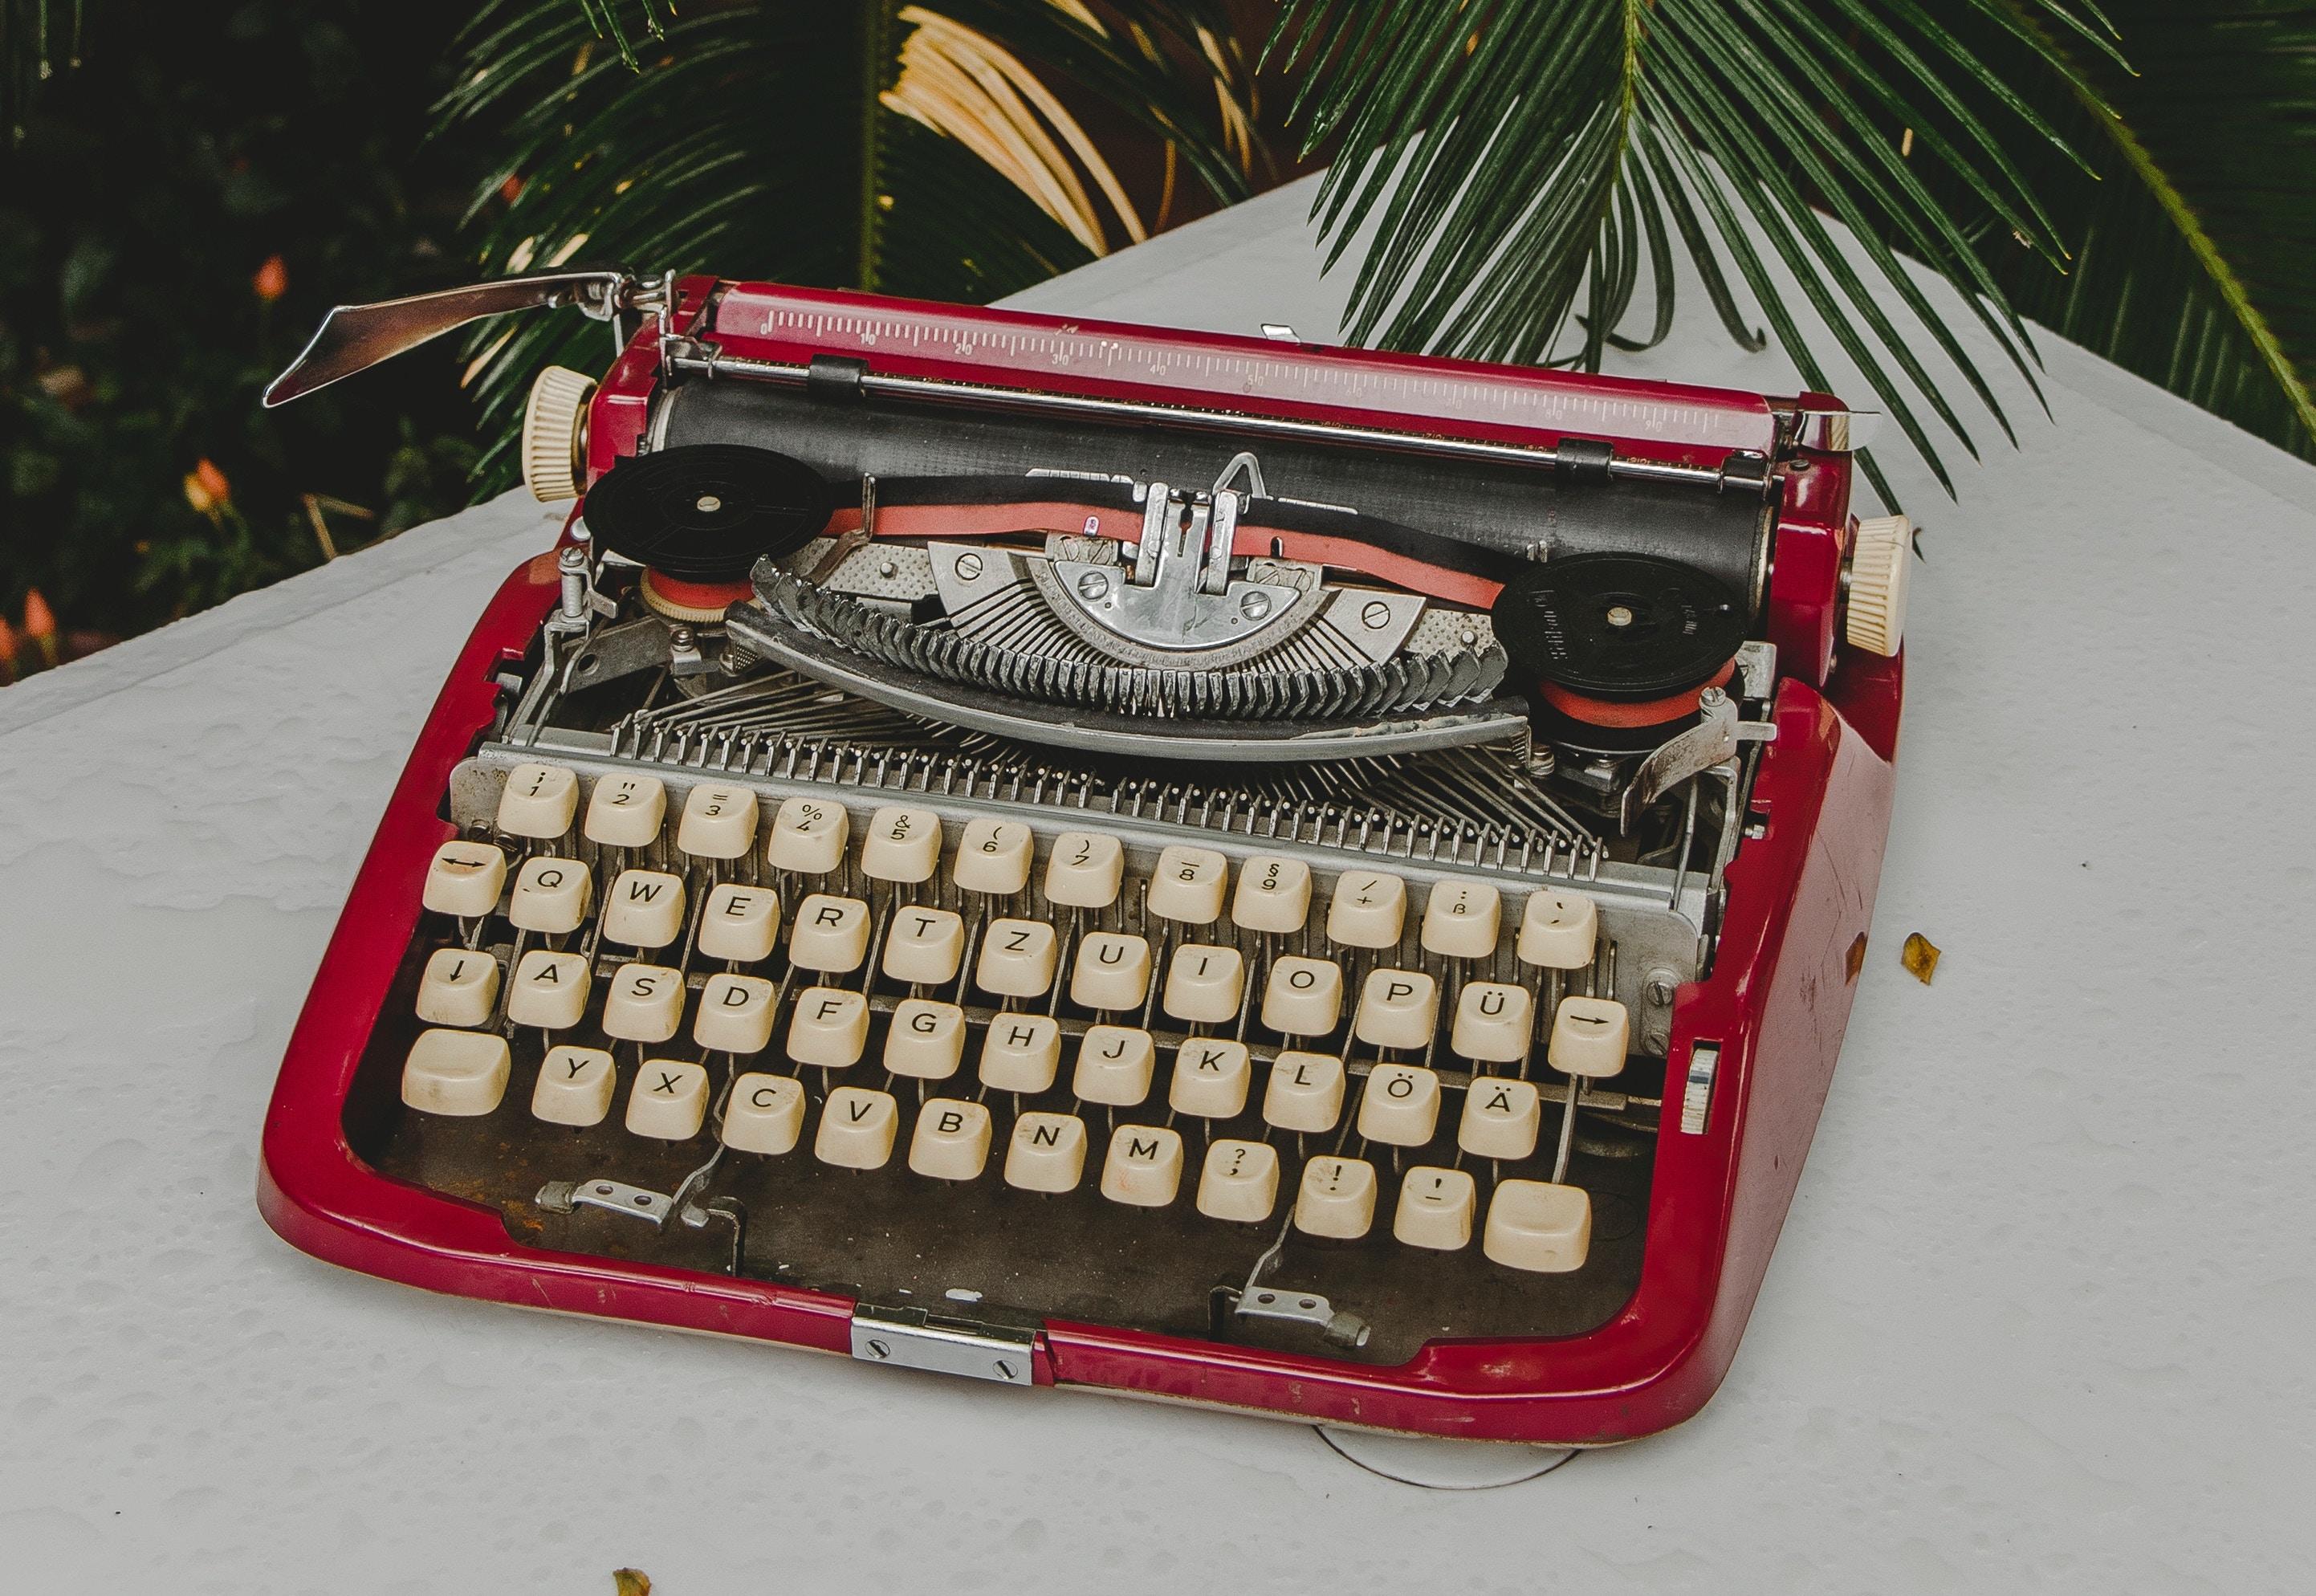 وبلاگنویسی: ۸ دلیلی که خوانندگان وبلاگتان را کم میکند!